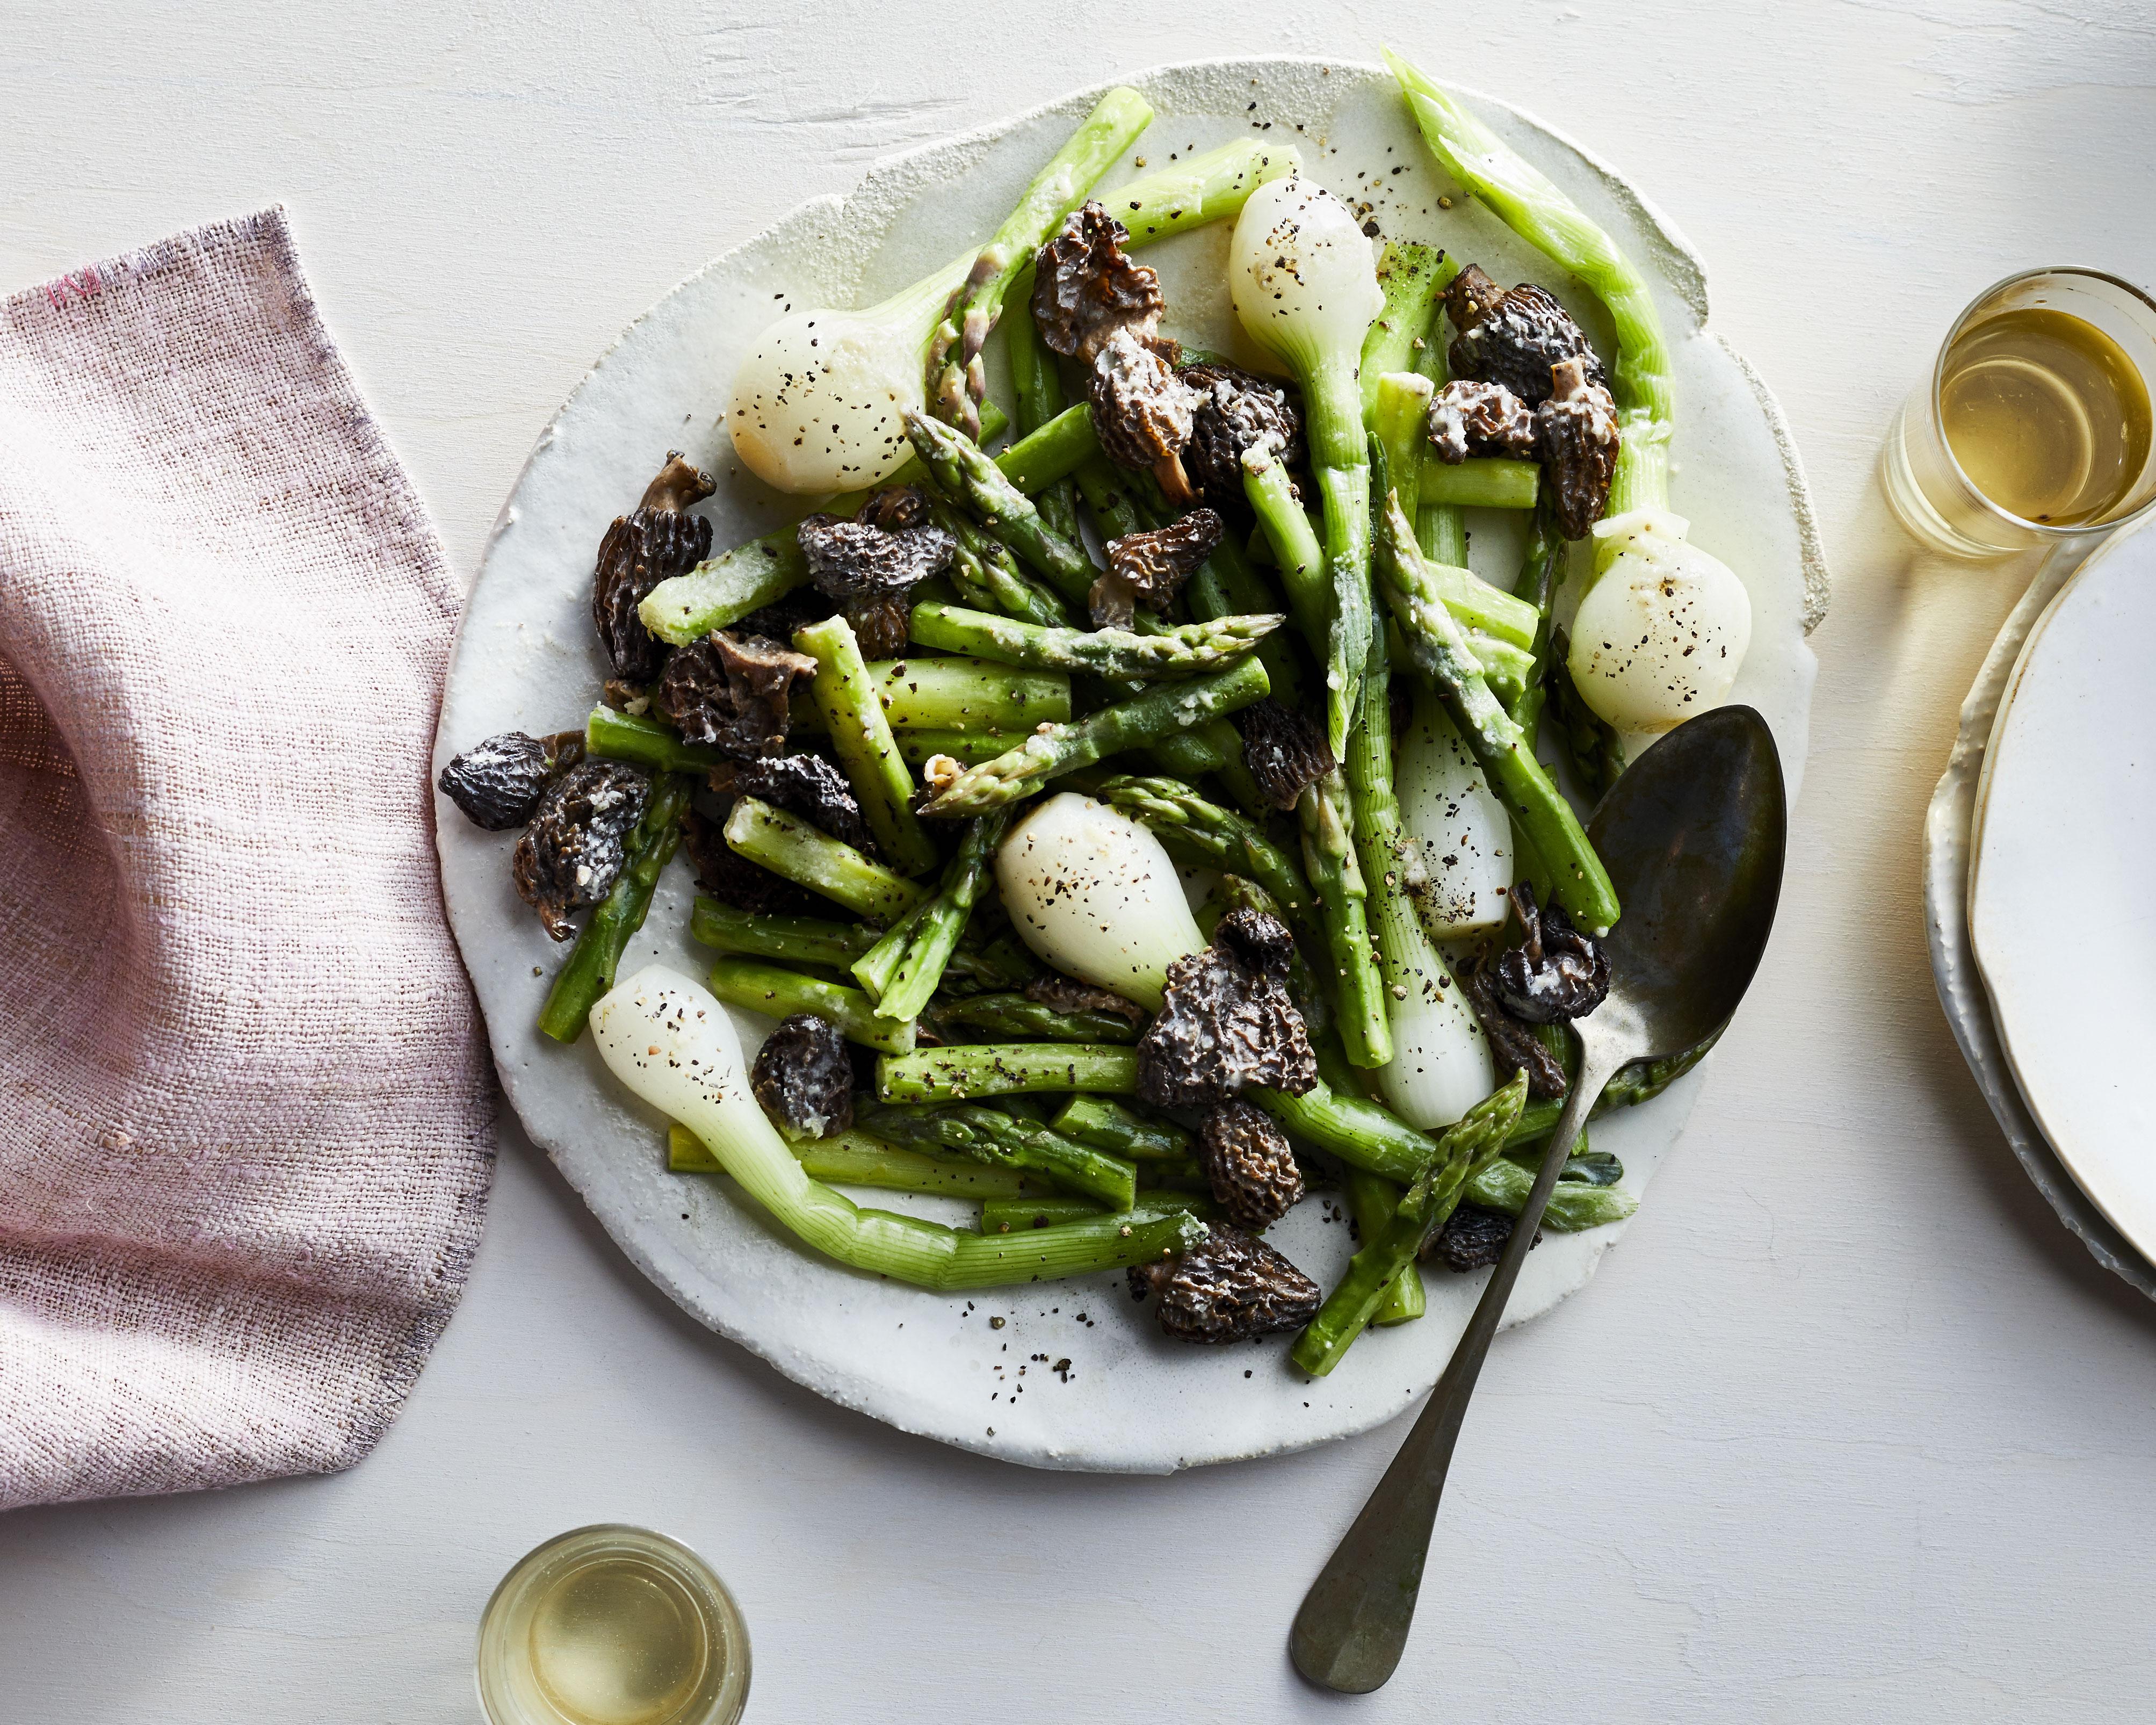 Asparagus, Spring Onion, and Morel Mushroom Sauté